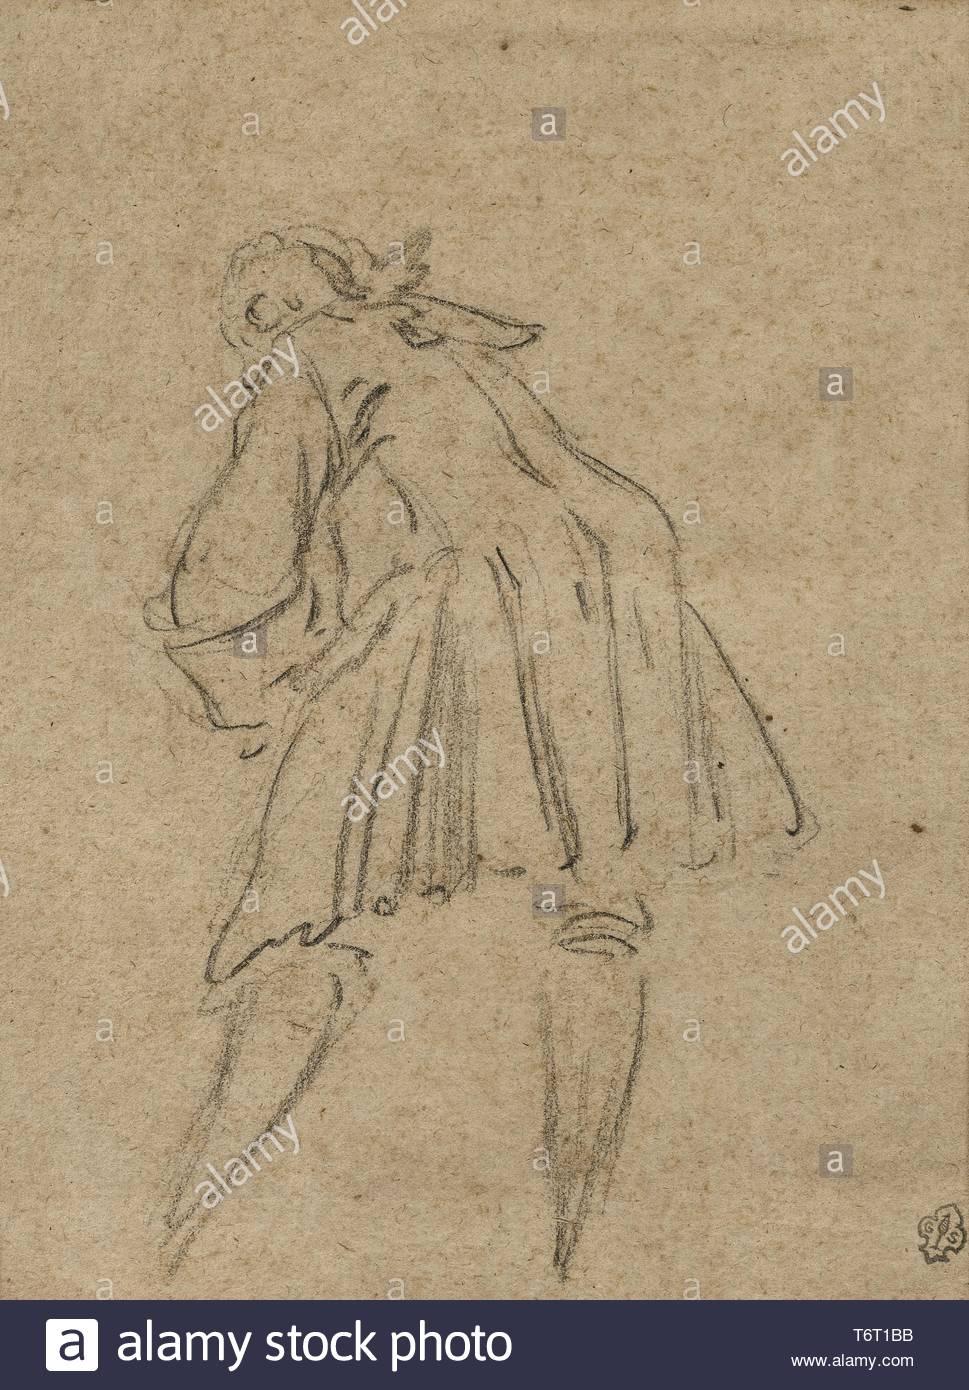 Oudry-Etude Jean-Baptiste Attribution d'un homme se penchant en avant Photo Stock